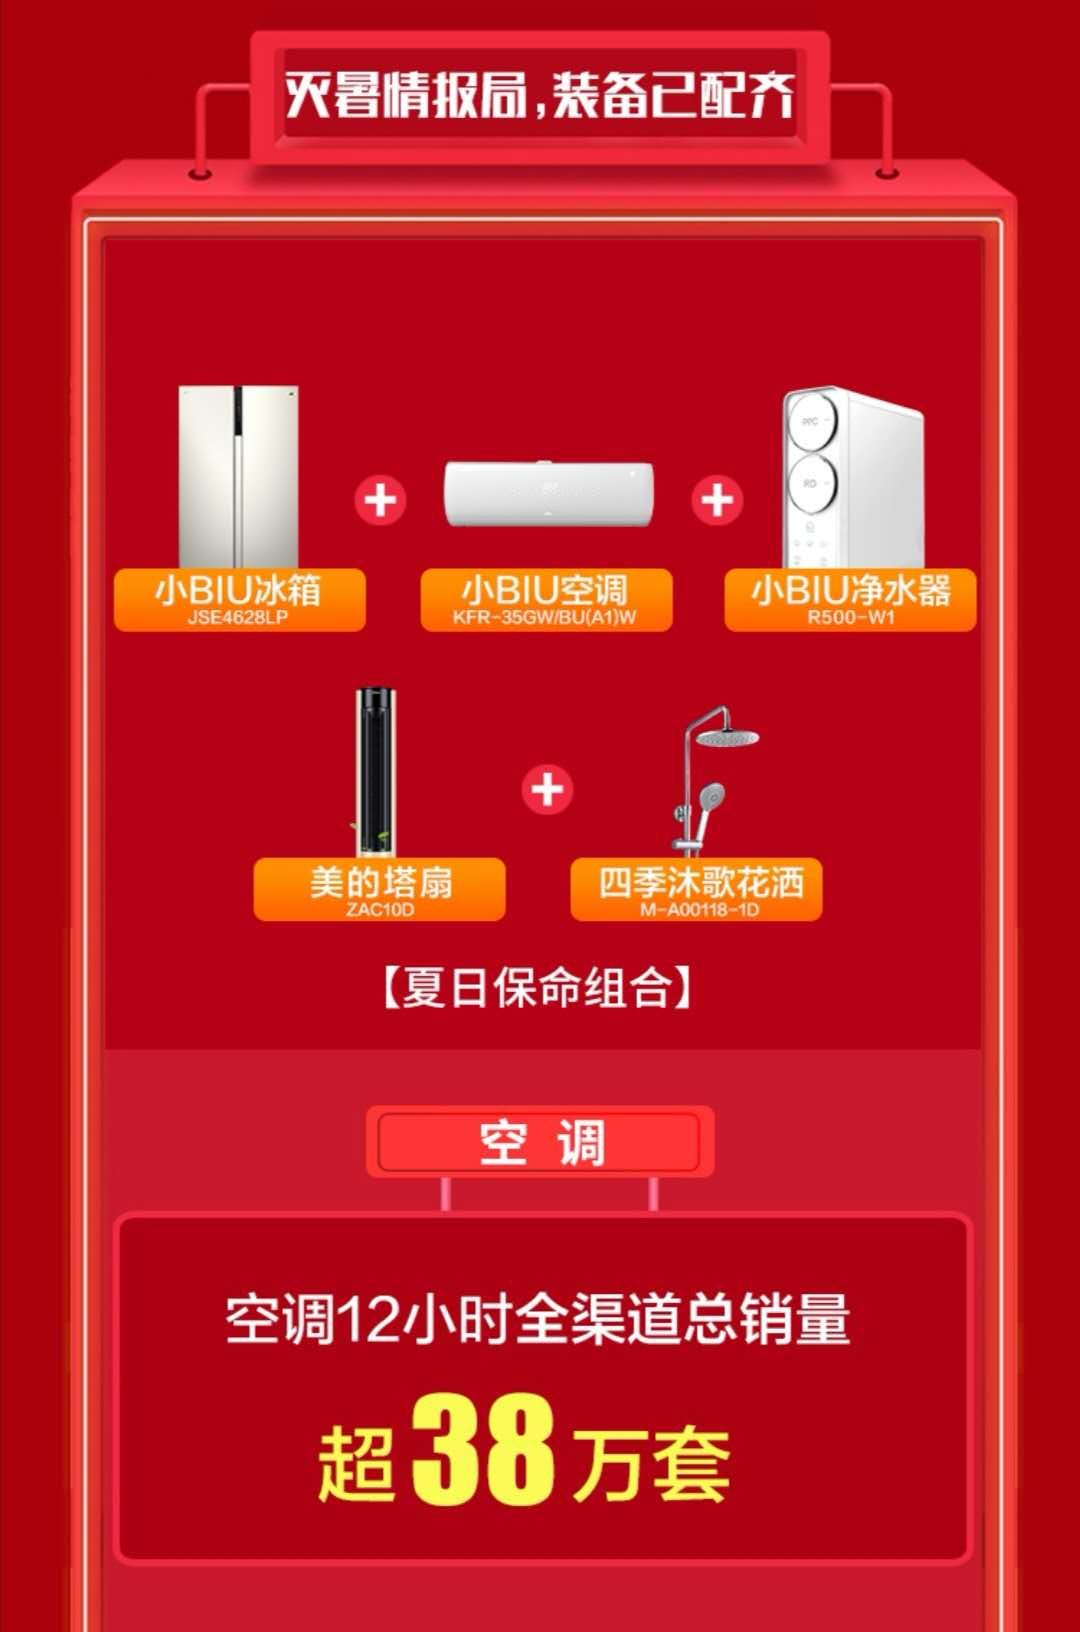 C:\Users\14051171\AppData\Local\Temp\WeChat Files\54a986e8e66a7bea2e8d1277f0df038.jpg